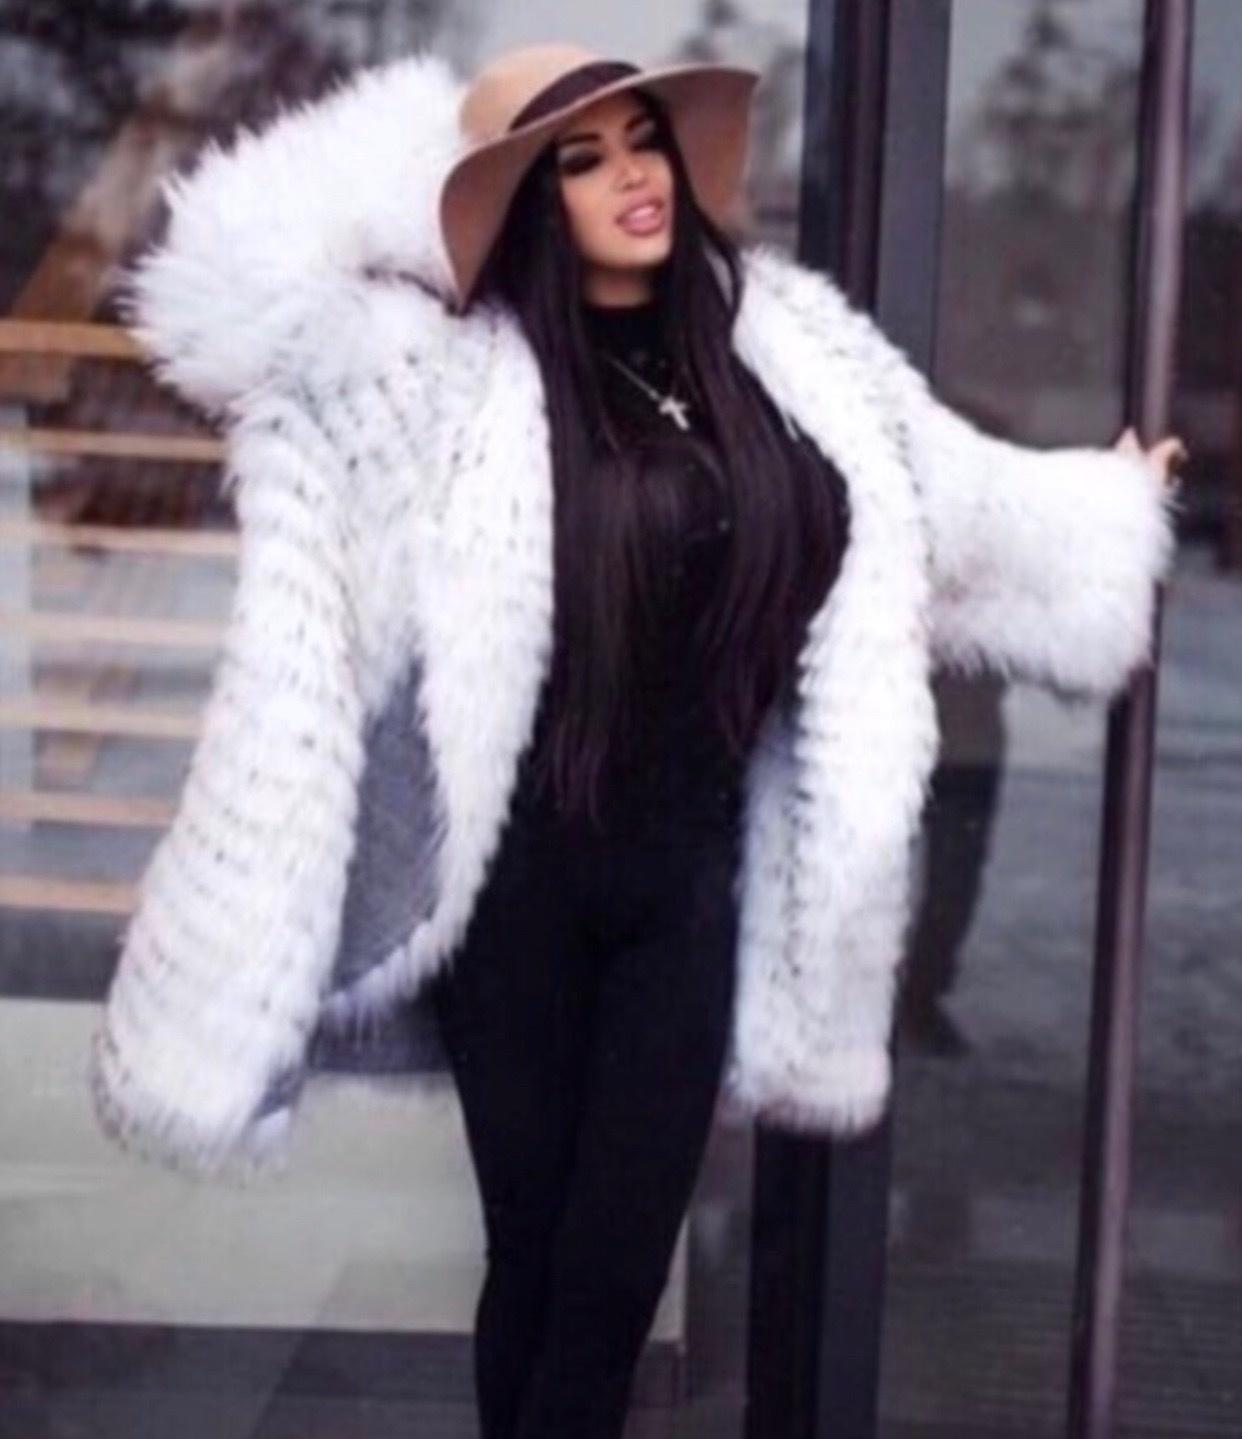 Шубы из чернобурки на кашемире Бело-серое пальто из чернобурки на кашемире с английским воротником